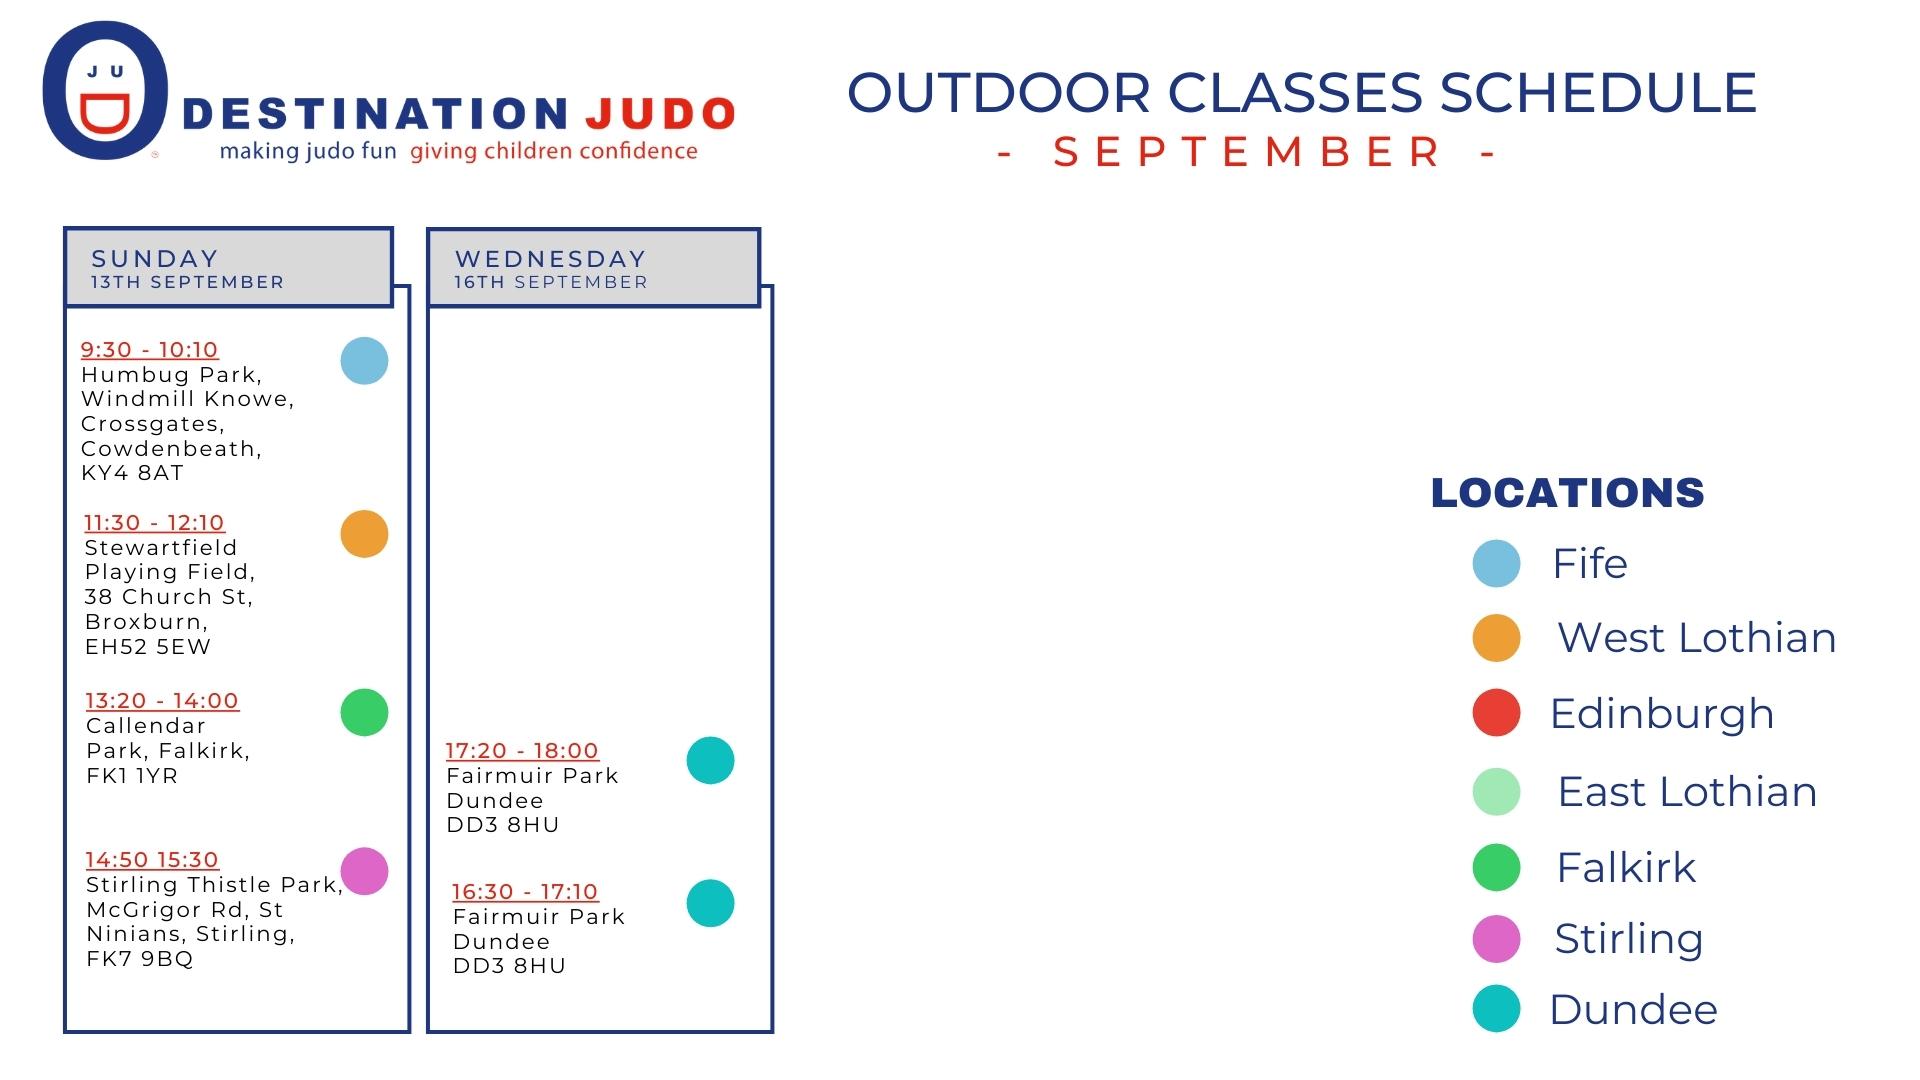 September Outdoor Classes Schedule